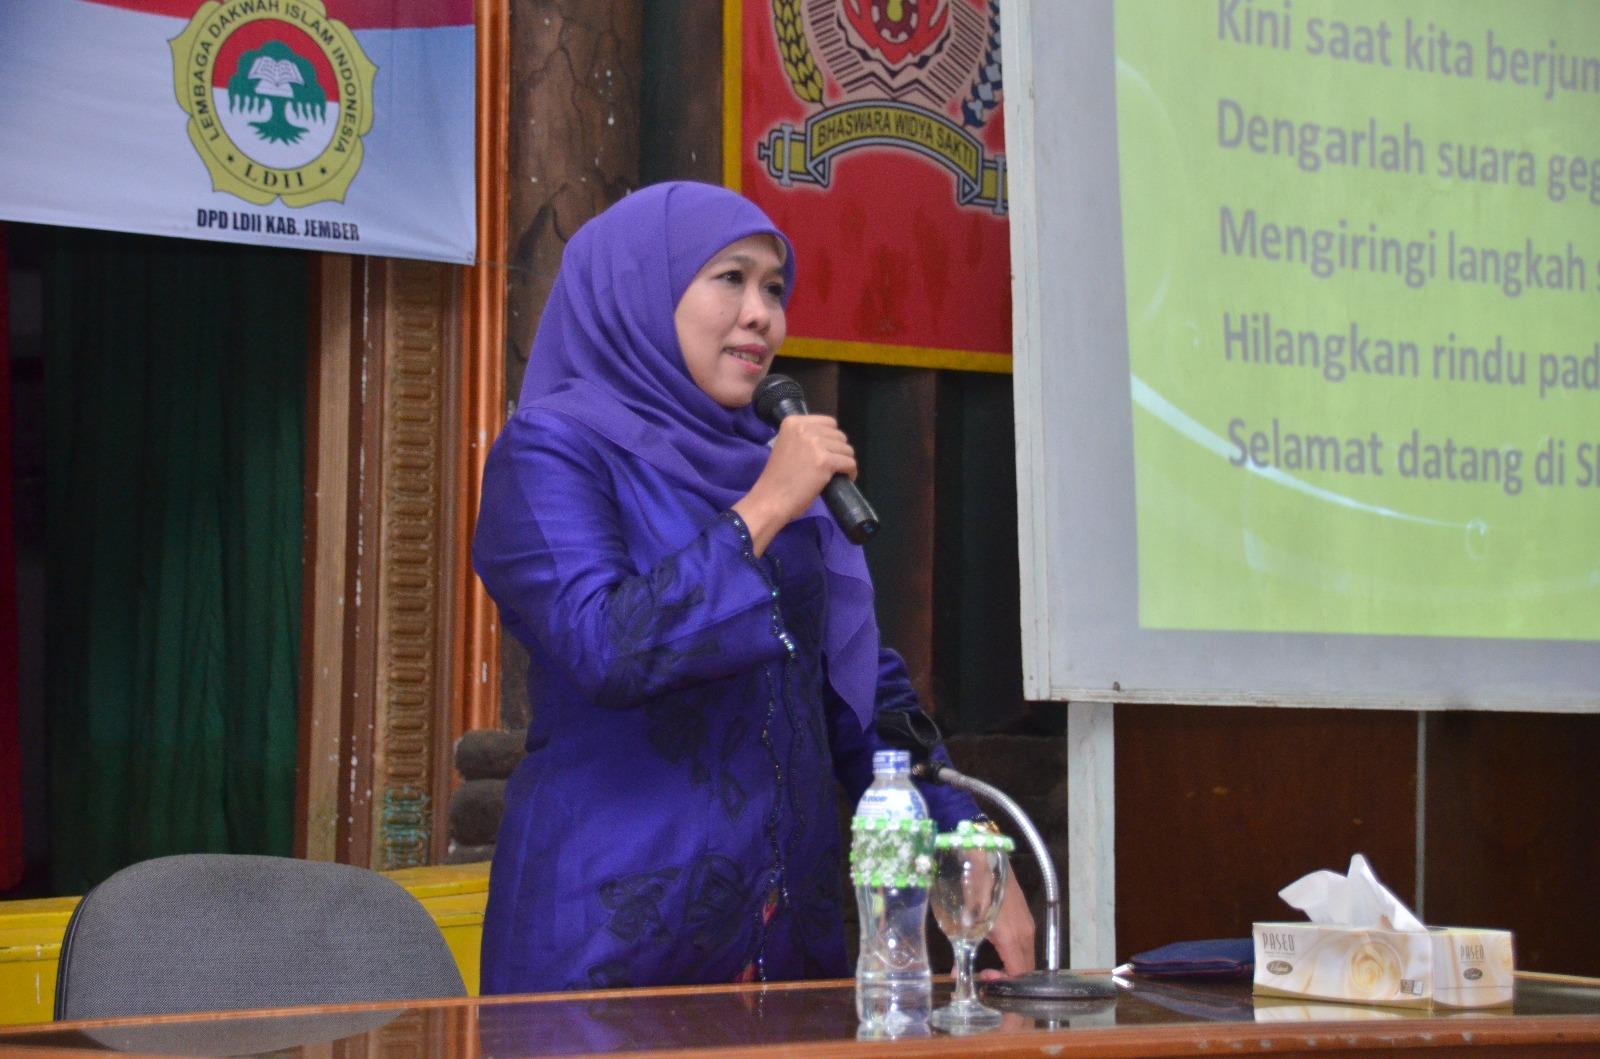 Menteri Sosial Republik Indonesia, Dr. Hj. Khofifah Indarparawansa.